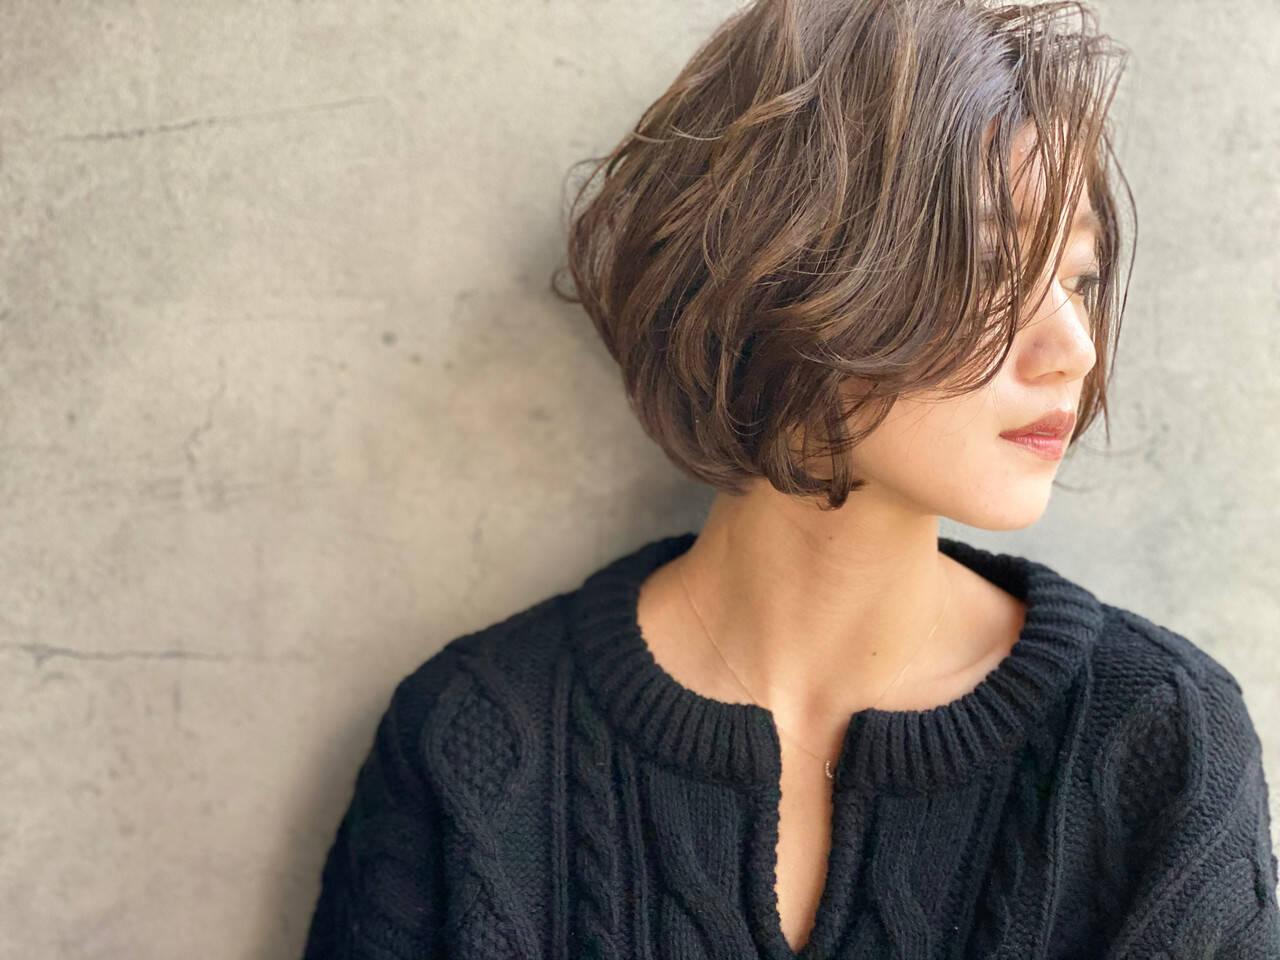 大人かわいい ショートボブ 艶髪 ヘアメイクヘアスタイルや髪型の写真・画像